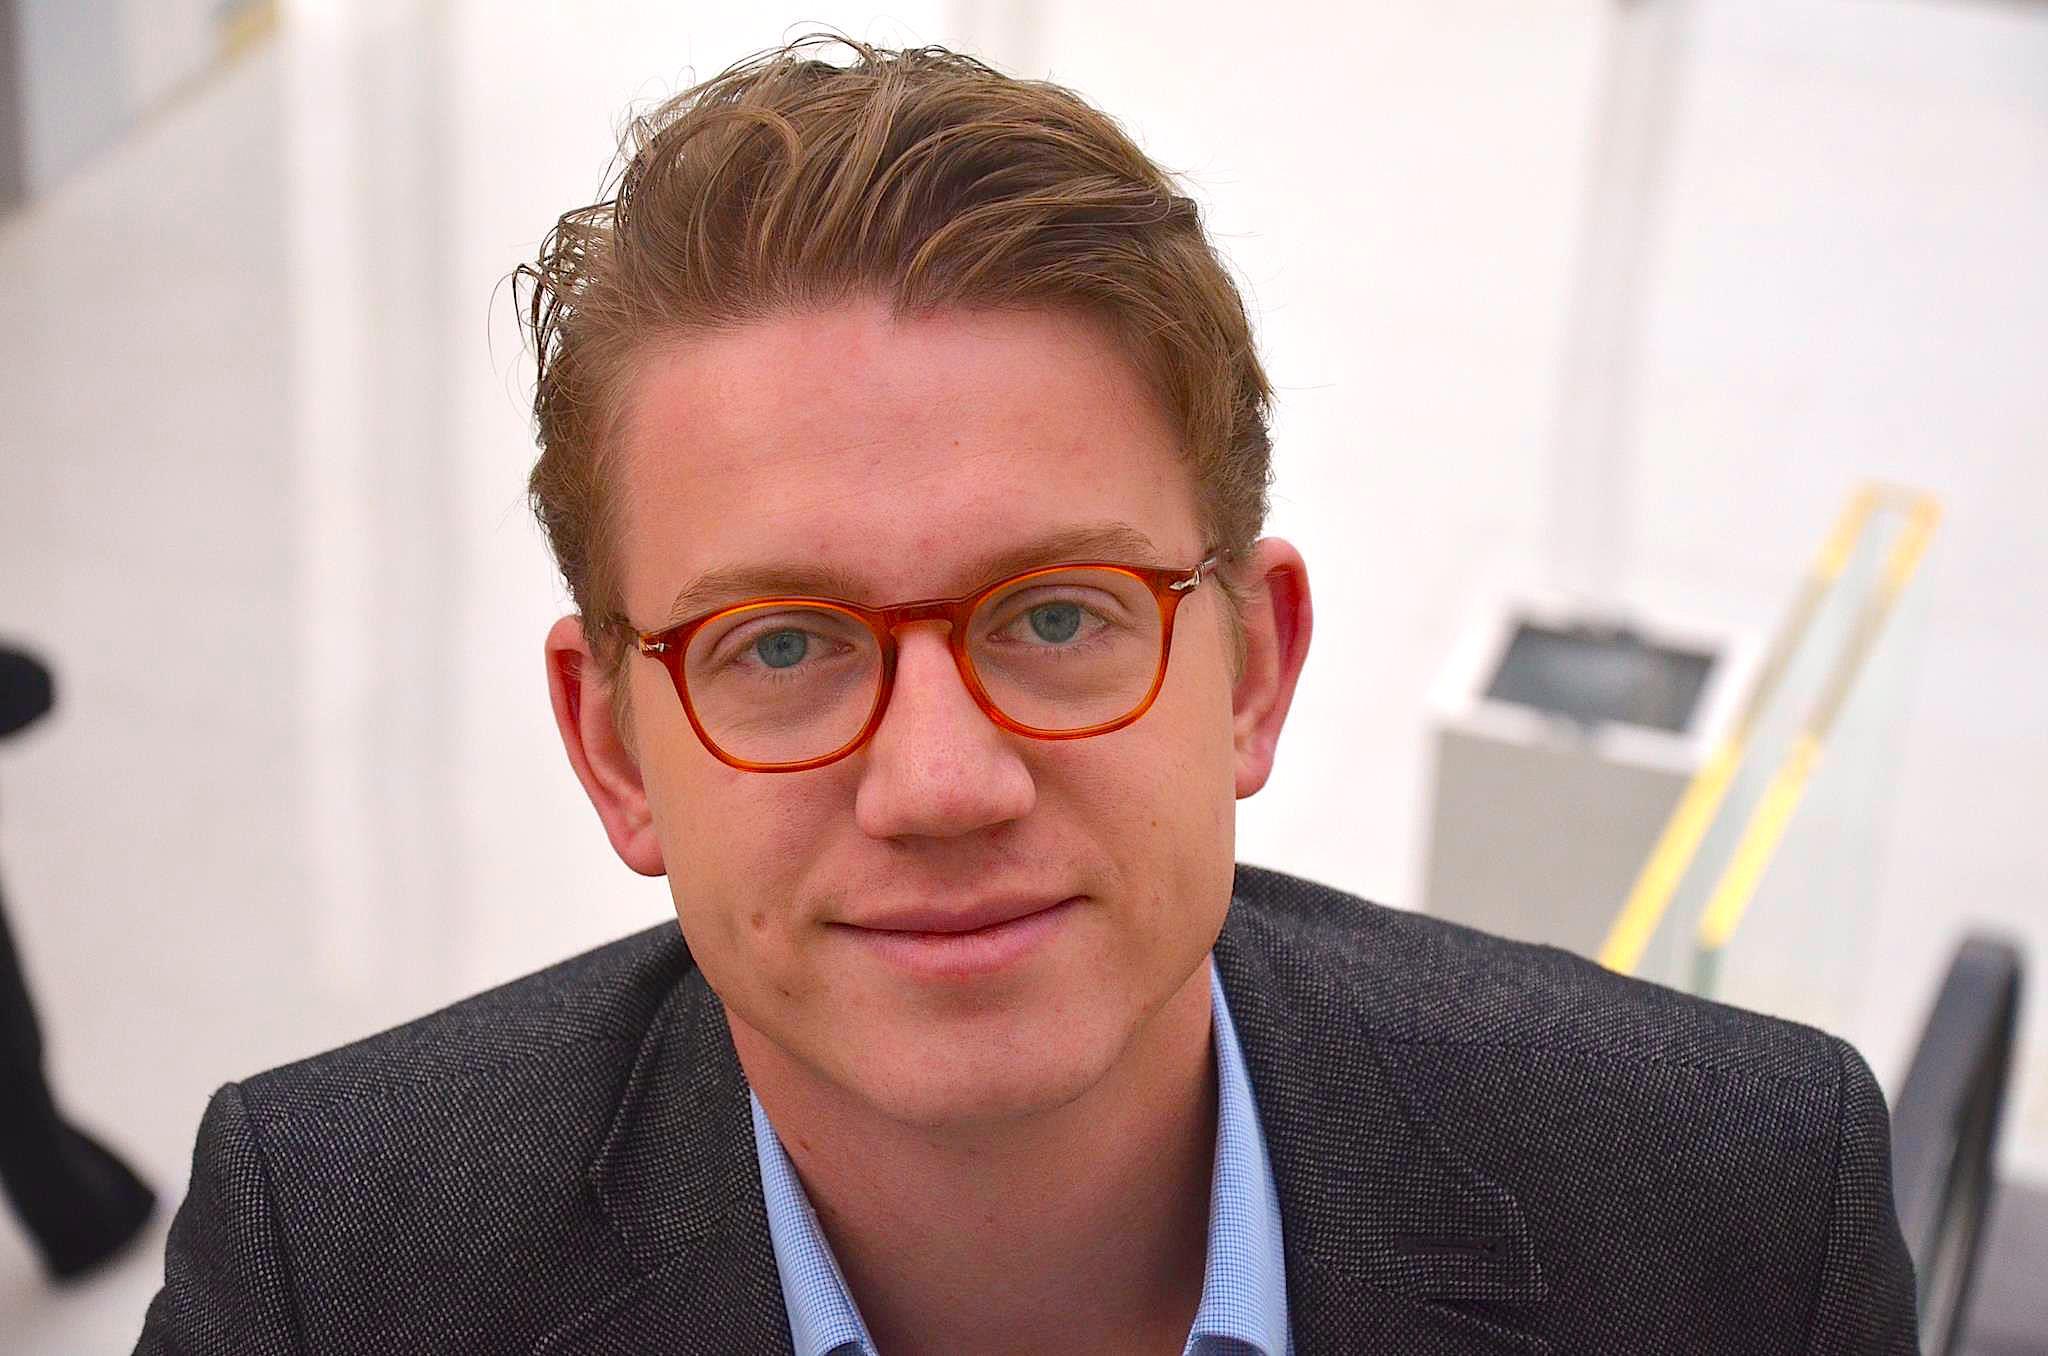 Thomas Ziemer